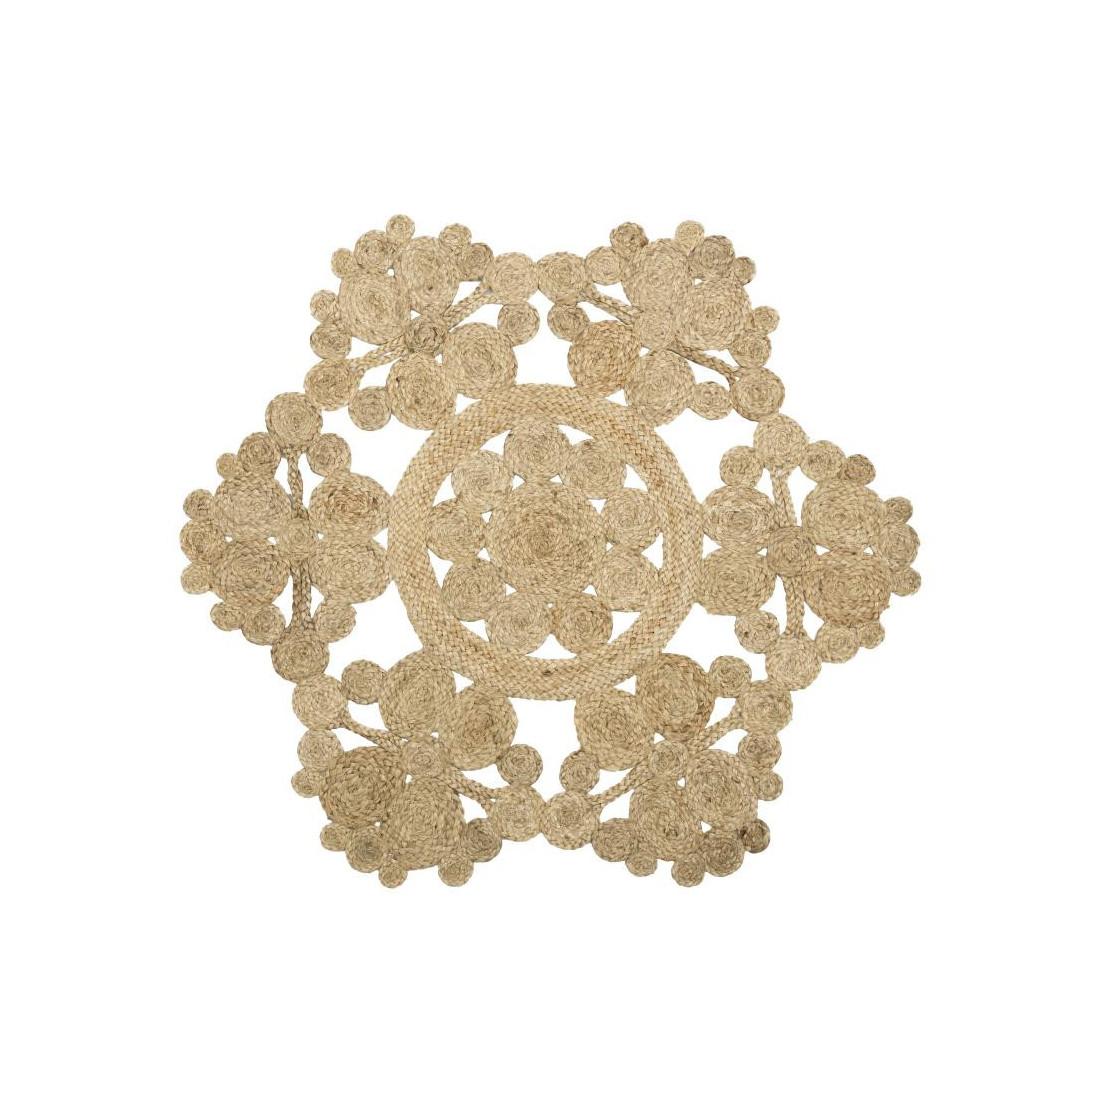 tapis fibres naturelles 120 120 n 3 peale univers de la d coration. Black Bedroom Furniture Sets. Home Design Ideas